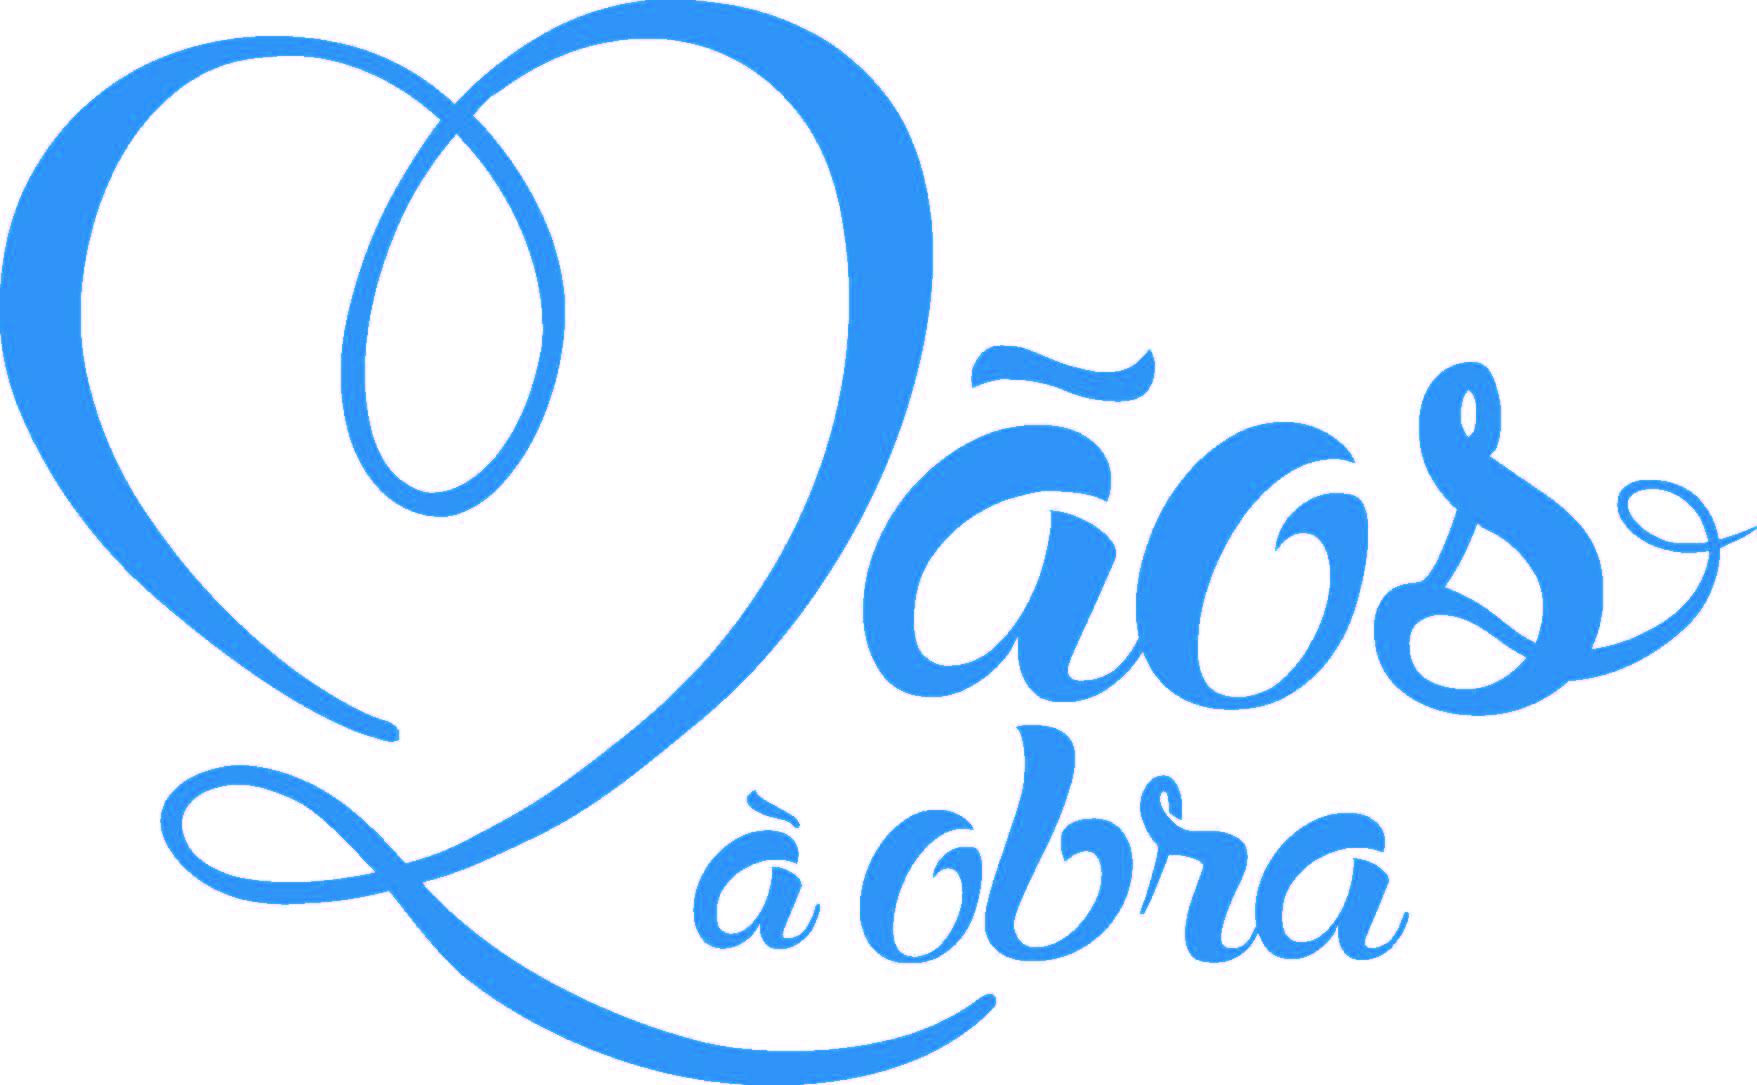 MARCA_MAOS A OBRA.jpg